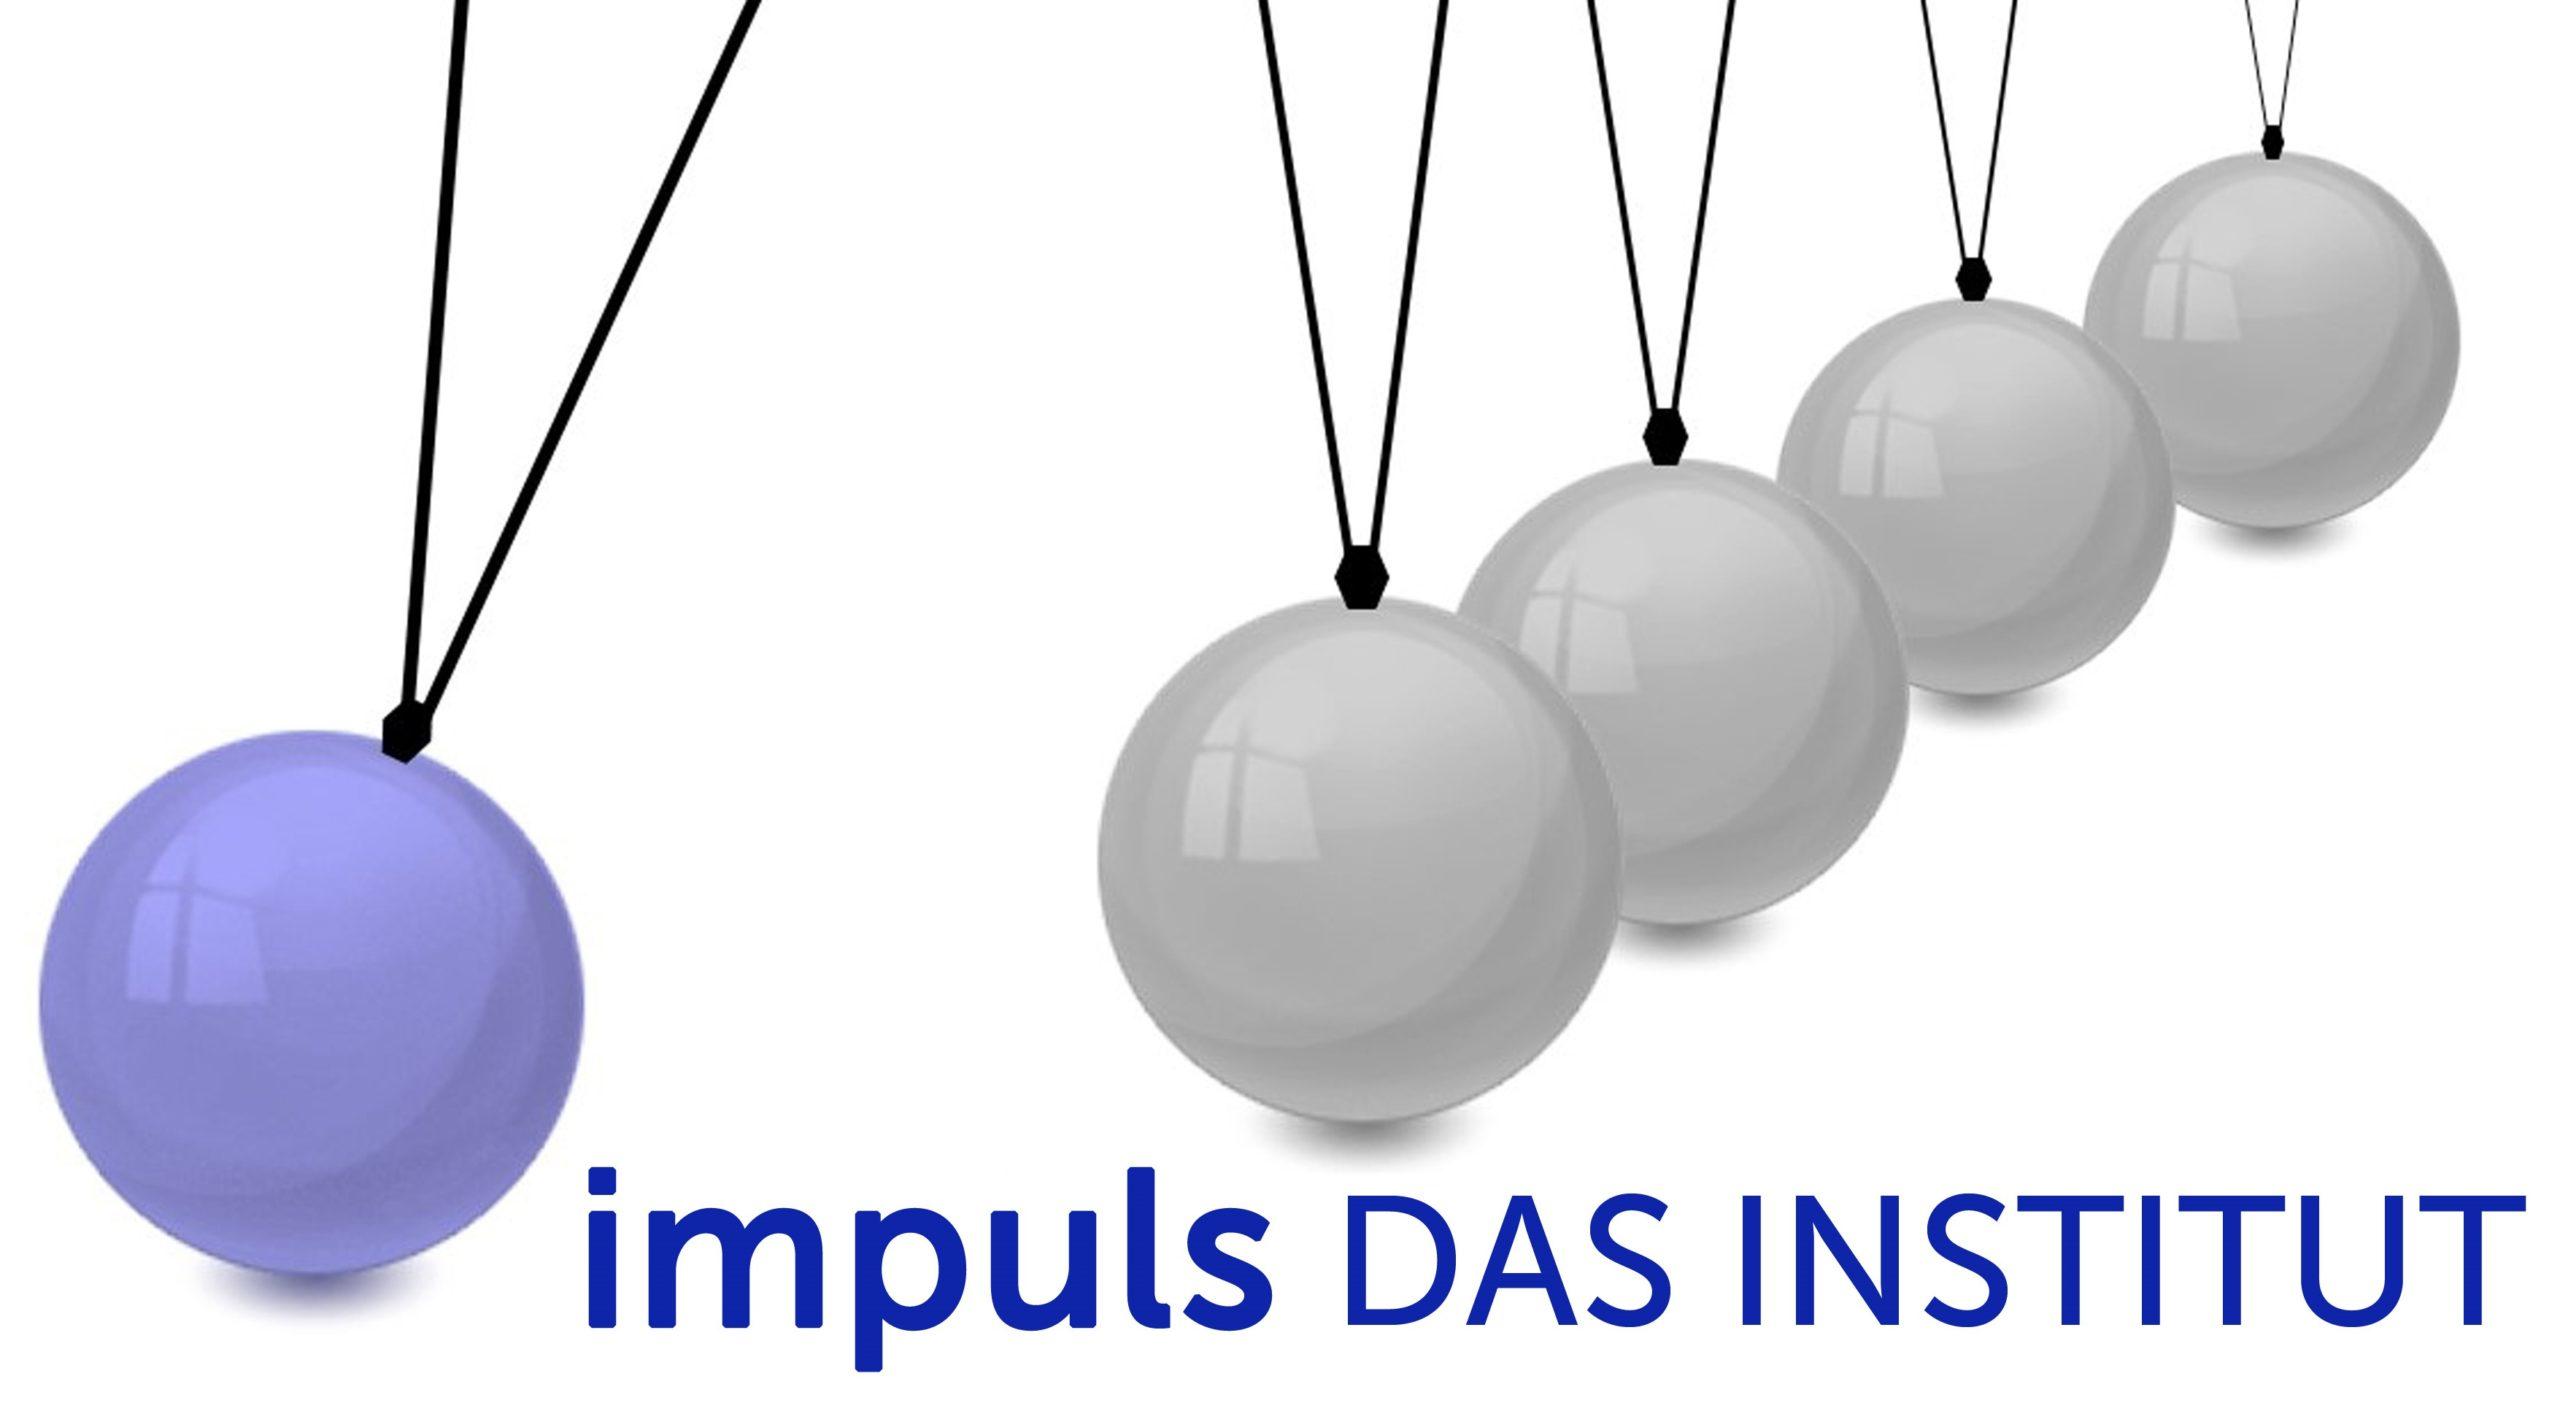 Impuls Das Institut